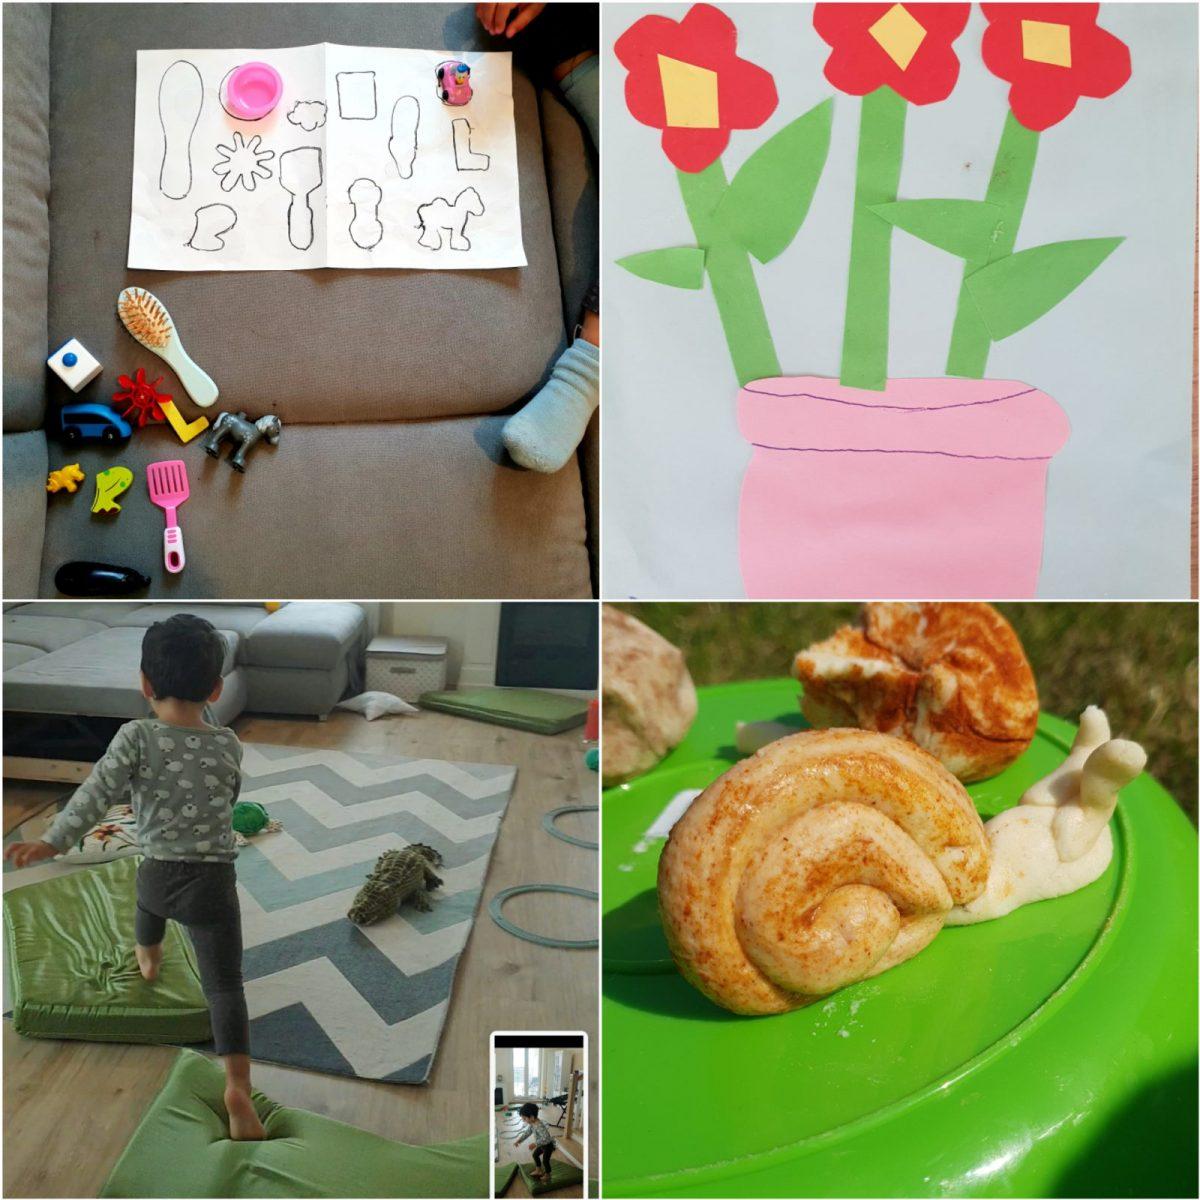 Cinci activităţi creative şi distractive de încercat acasă cu copiii